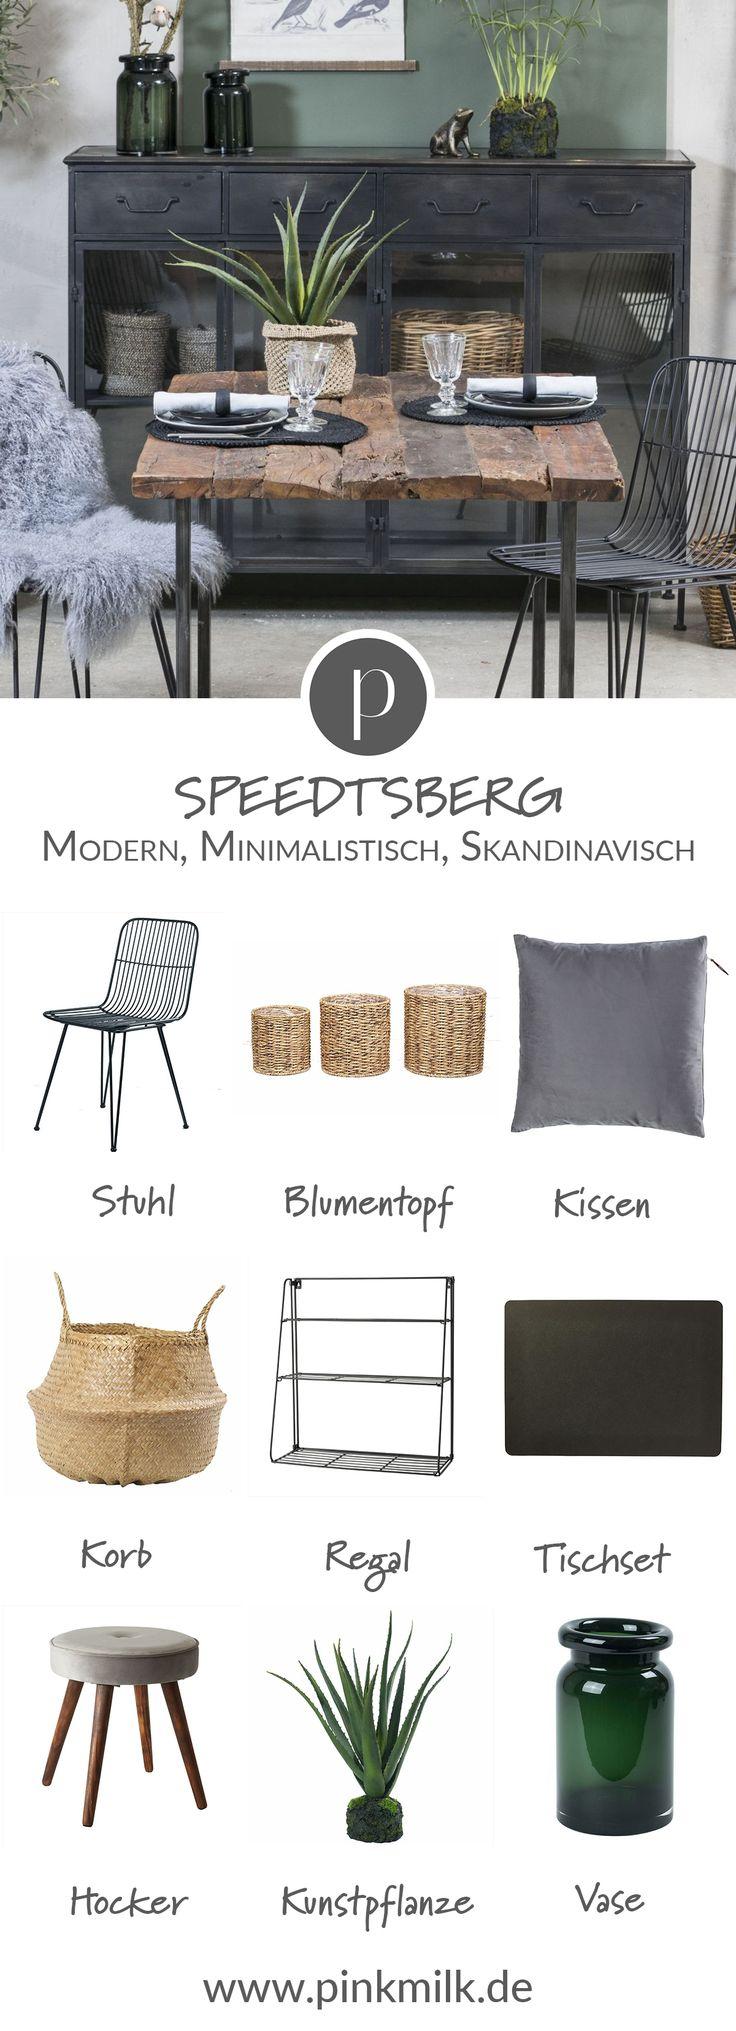 Die dänische Marke Speedtsberg sorgt für einen modernen Wohnstil in Deiner Wohnung. Hier findest Du Ideen für skandinavisches Wohnen und den minimalistischen Trend. #minimalistisch #wohnen #modern #ideen #skandinavisch